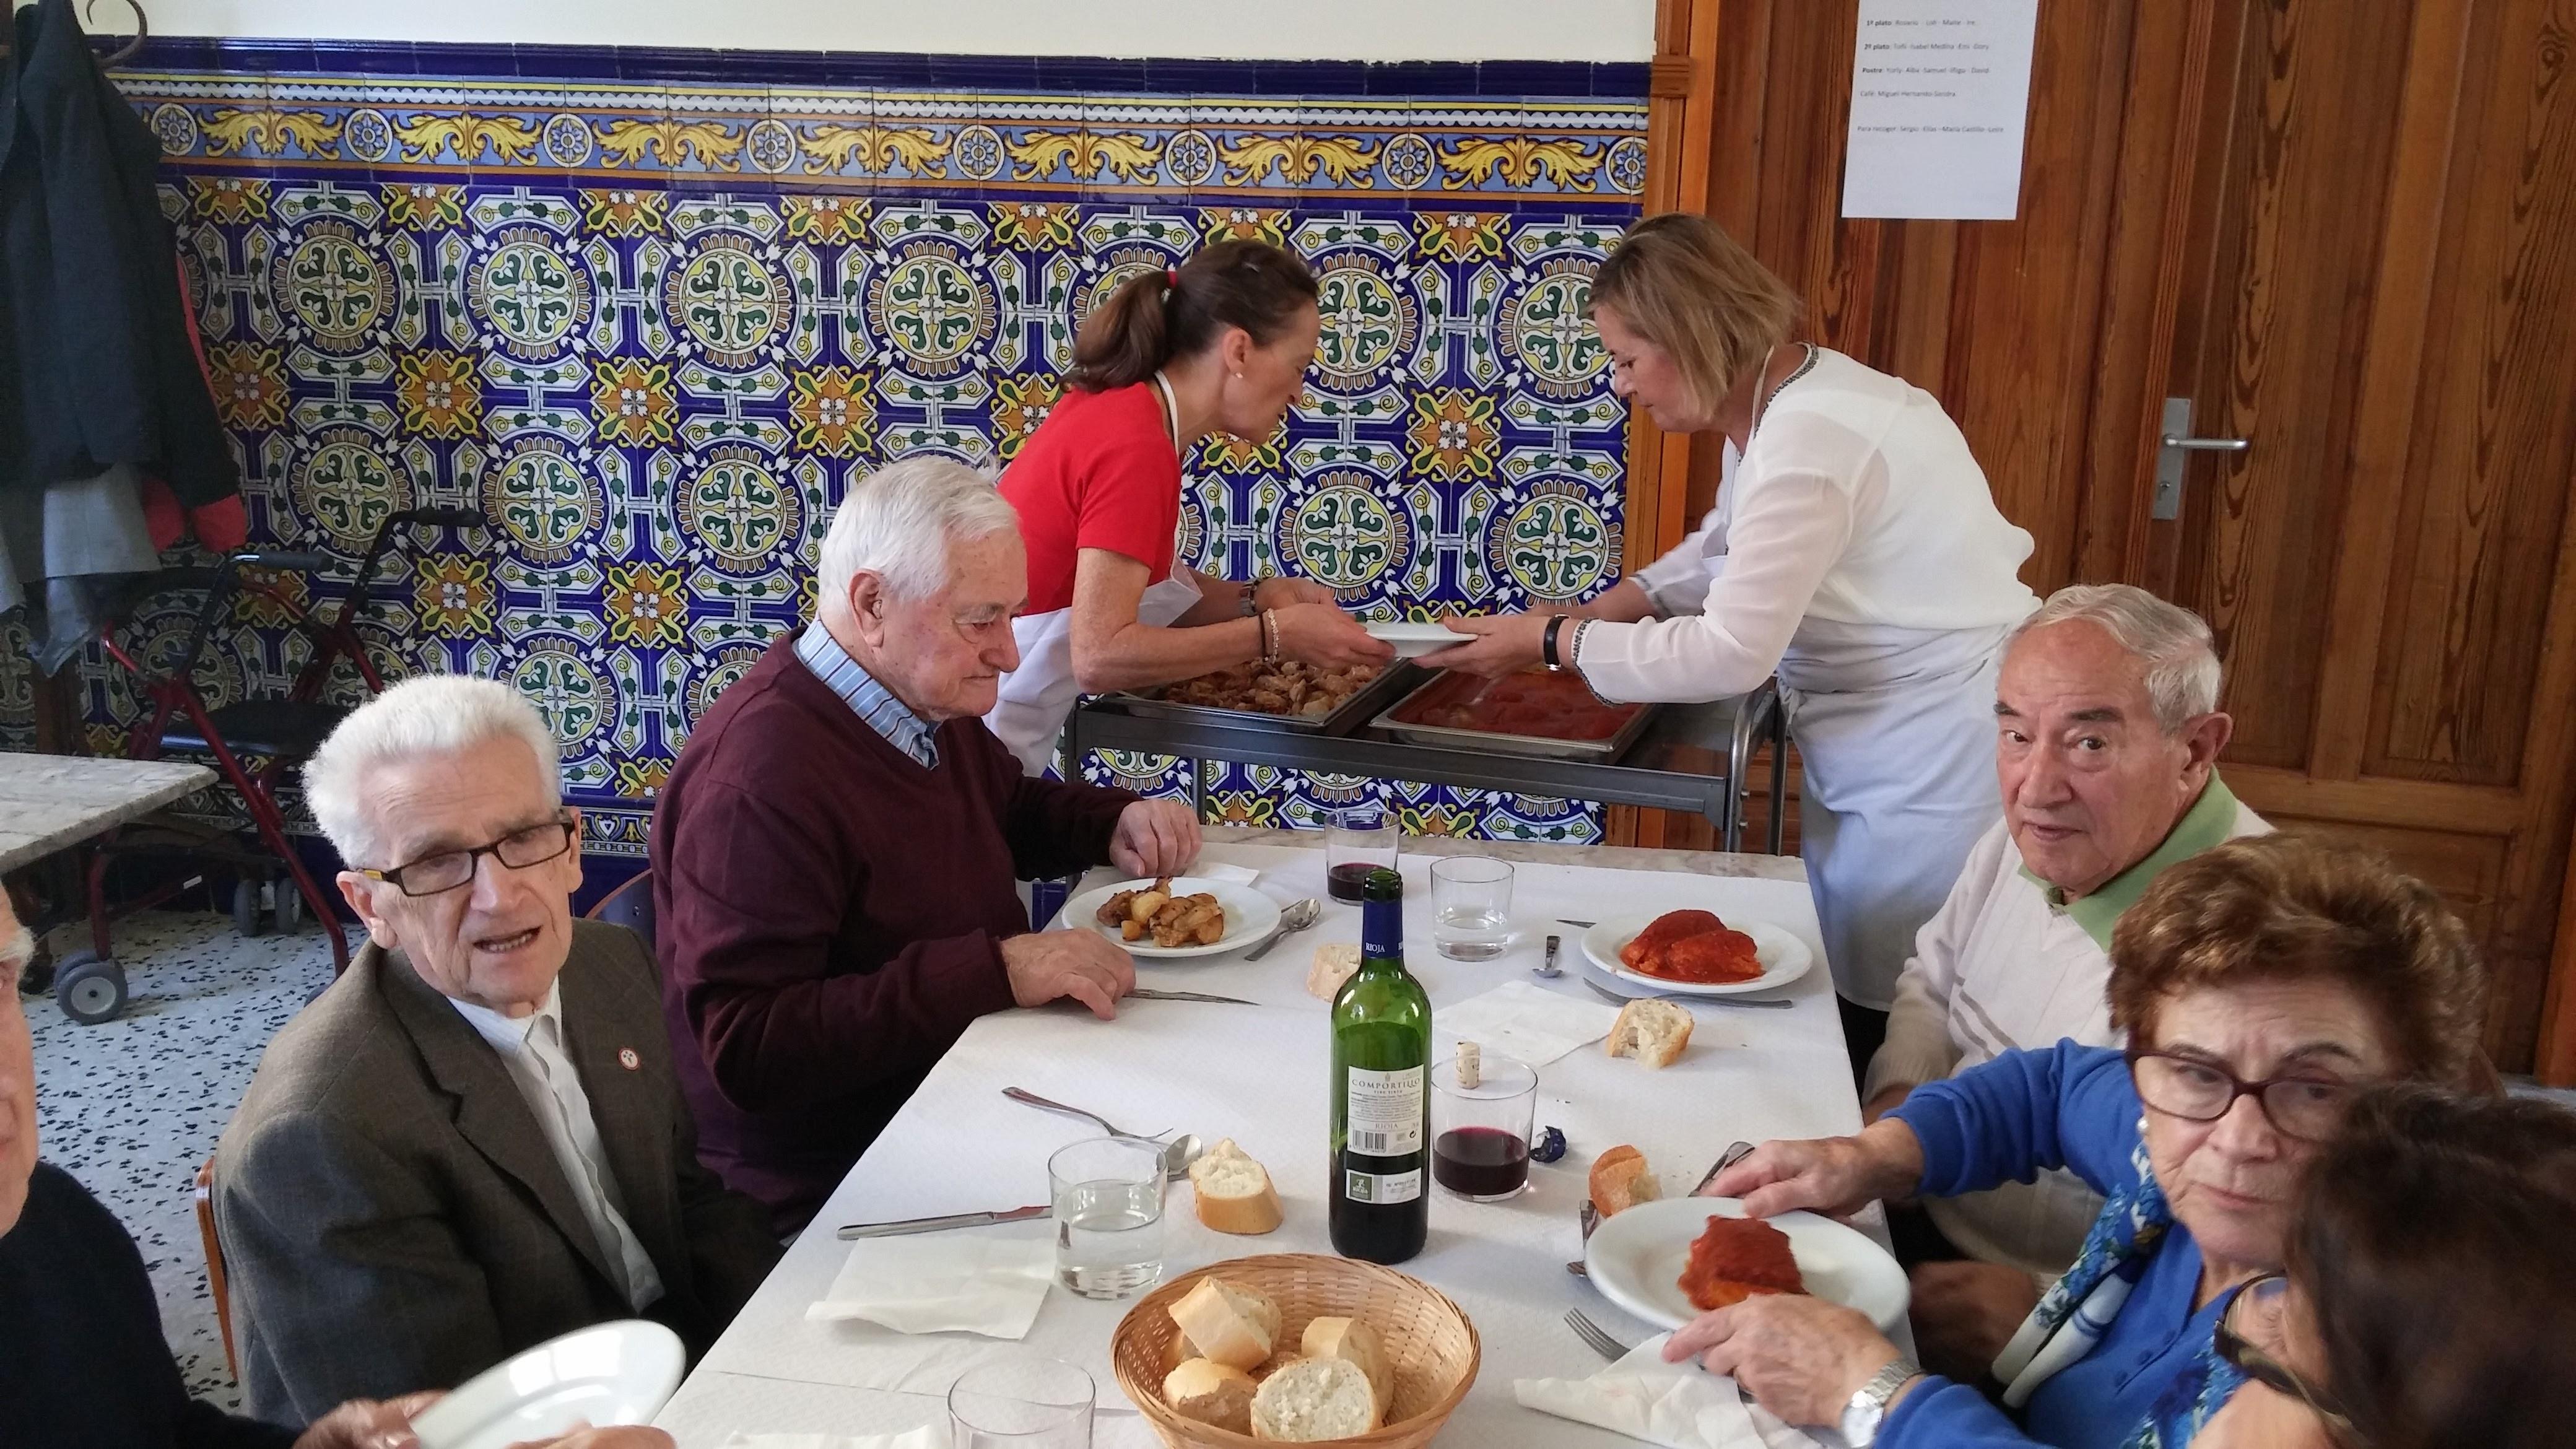 2015.10.2-4 - IEP LA CONVERSIÓN + COMIDA COMUNITARIA (14).jpg